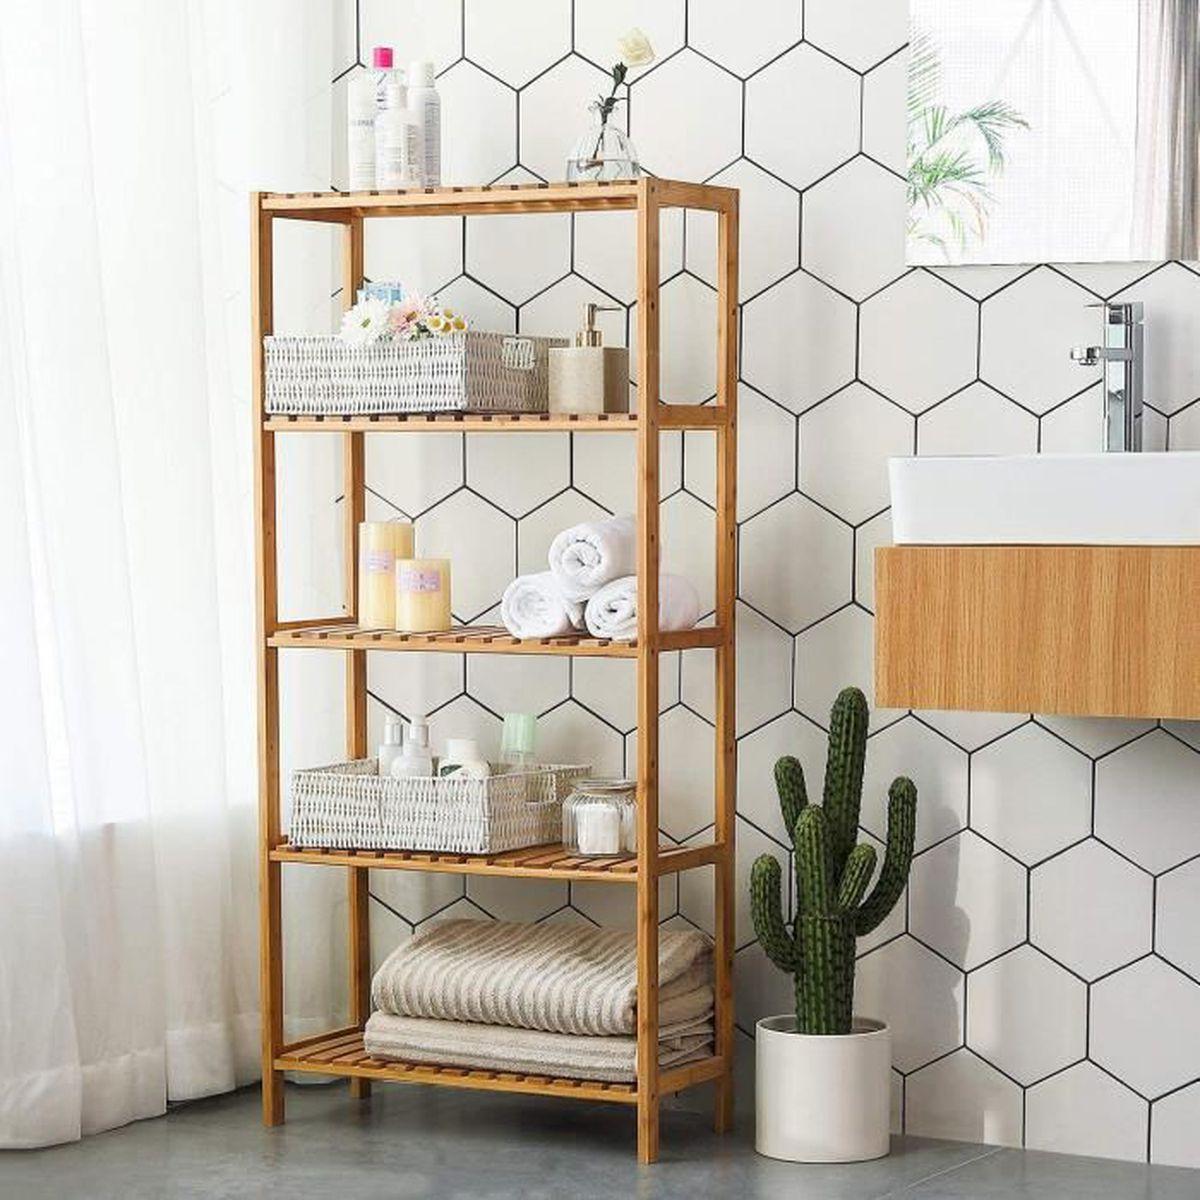 Salle De Bain Deco Bambou meuble rangement salle de bain bambou